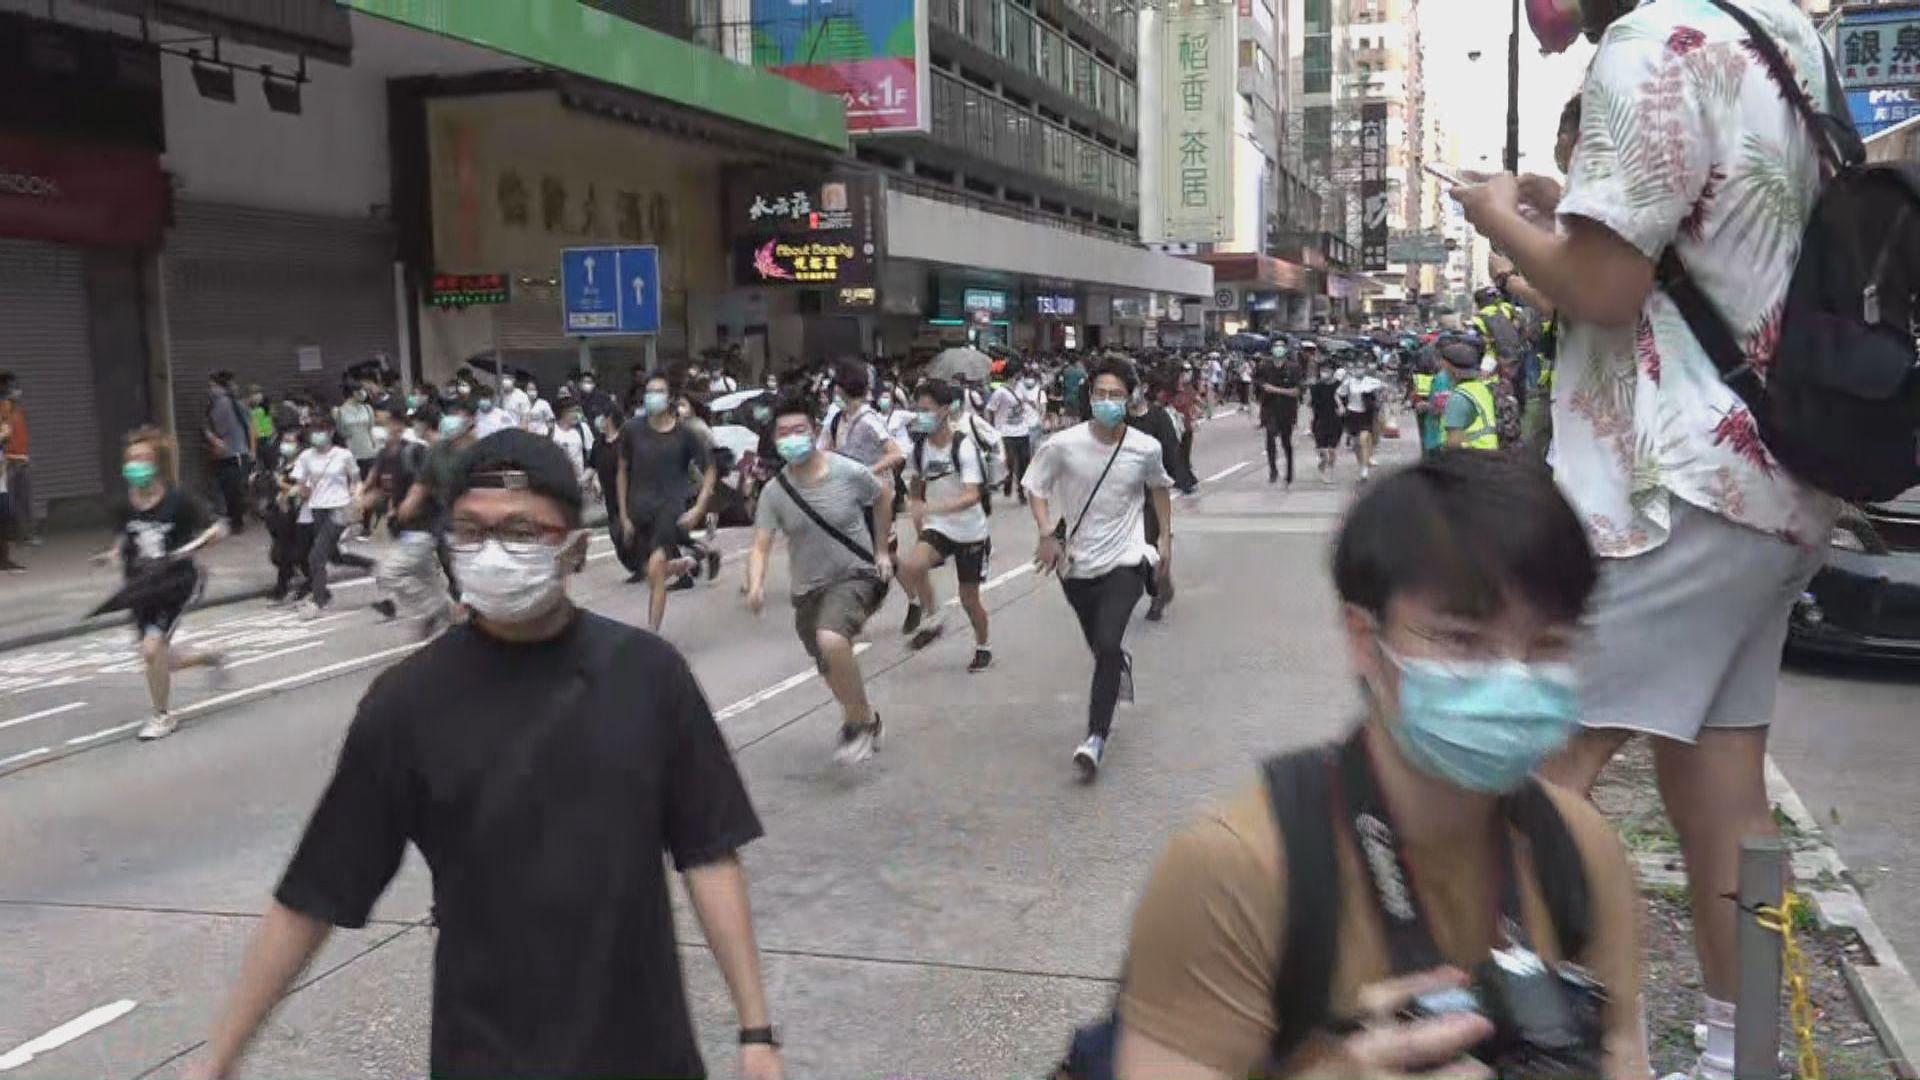 旺角下午有人群走出彌敦道 警員施放胡椒噴霧